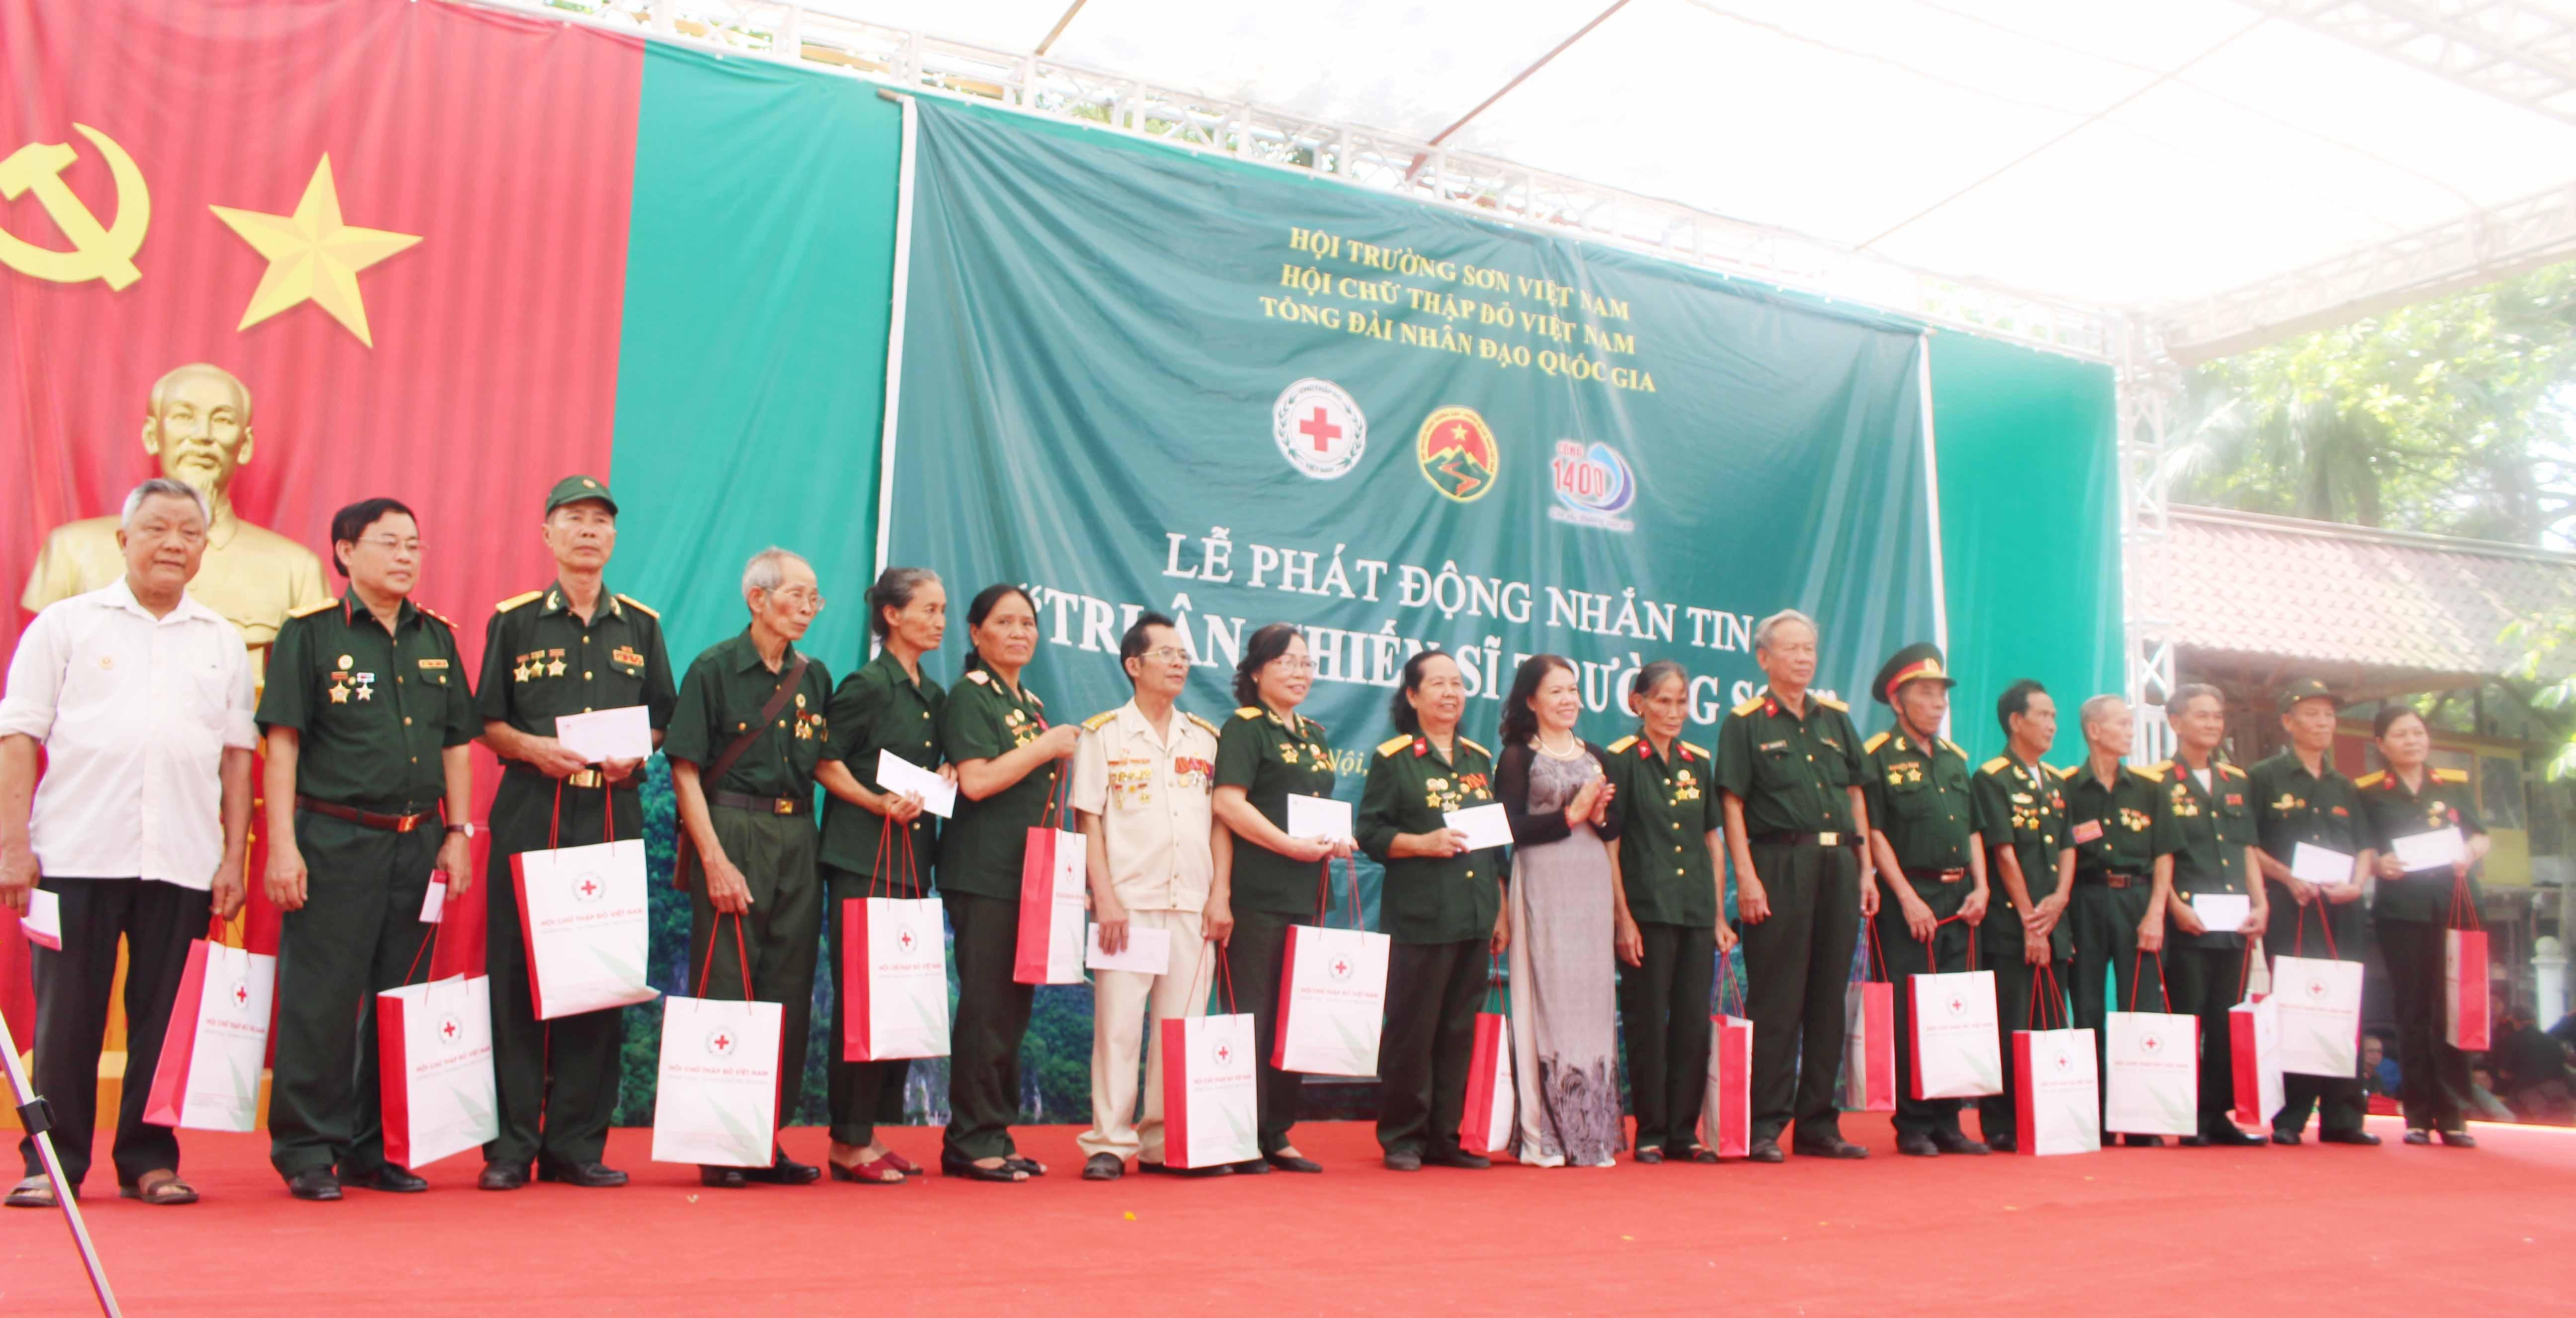 Lễ kỷ niệm 60 năm ngày mở đường Hồ Chí Minh- Ngày truyền thống Bộ đội Trường Sơn 19/5/1959 - 19/5/2019.